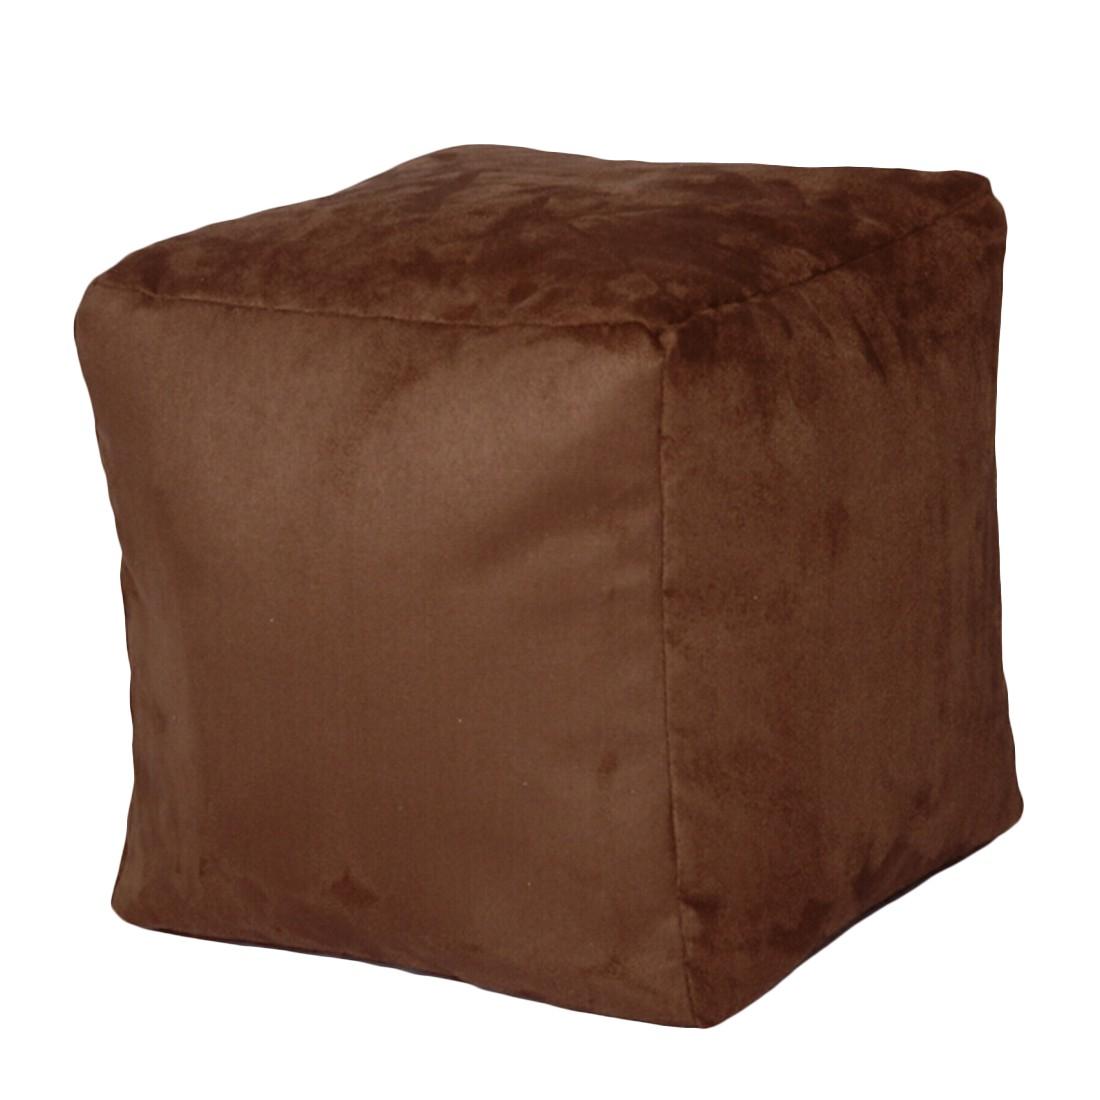 Sitzwürfel Alka dunkelbraun klein – 40 x 40 cm, KC-Handel bestellen